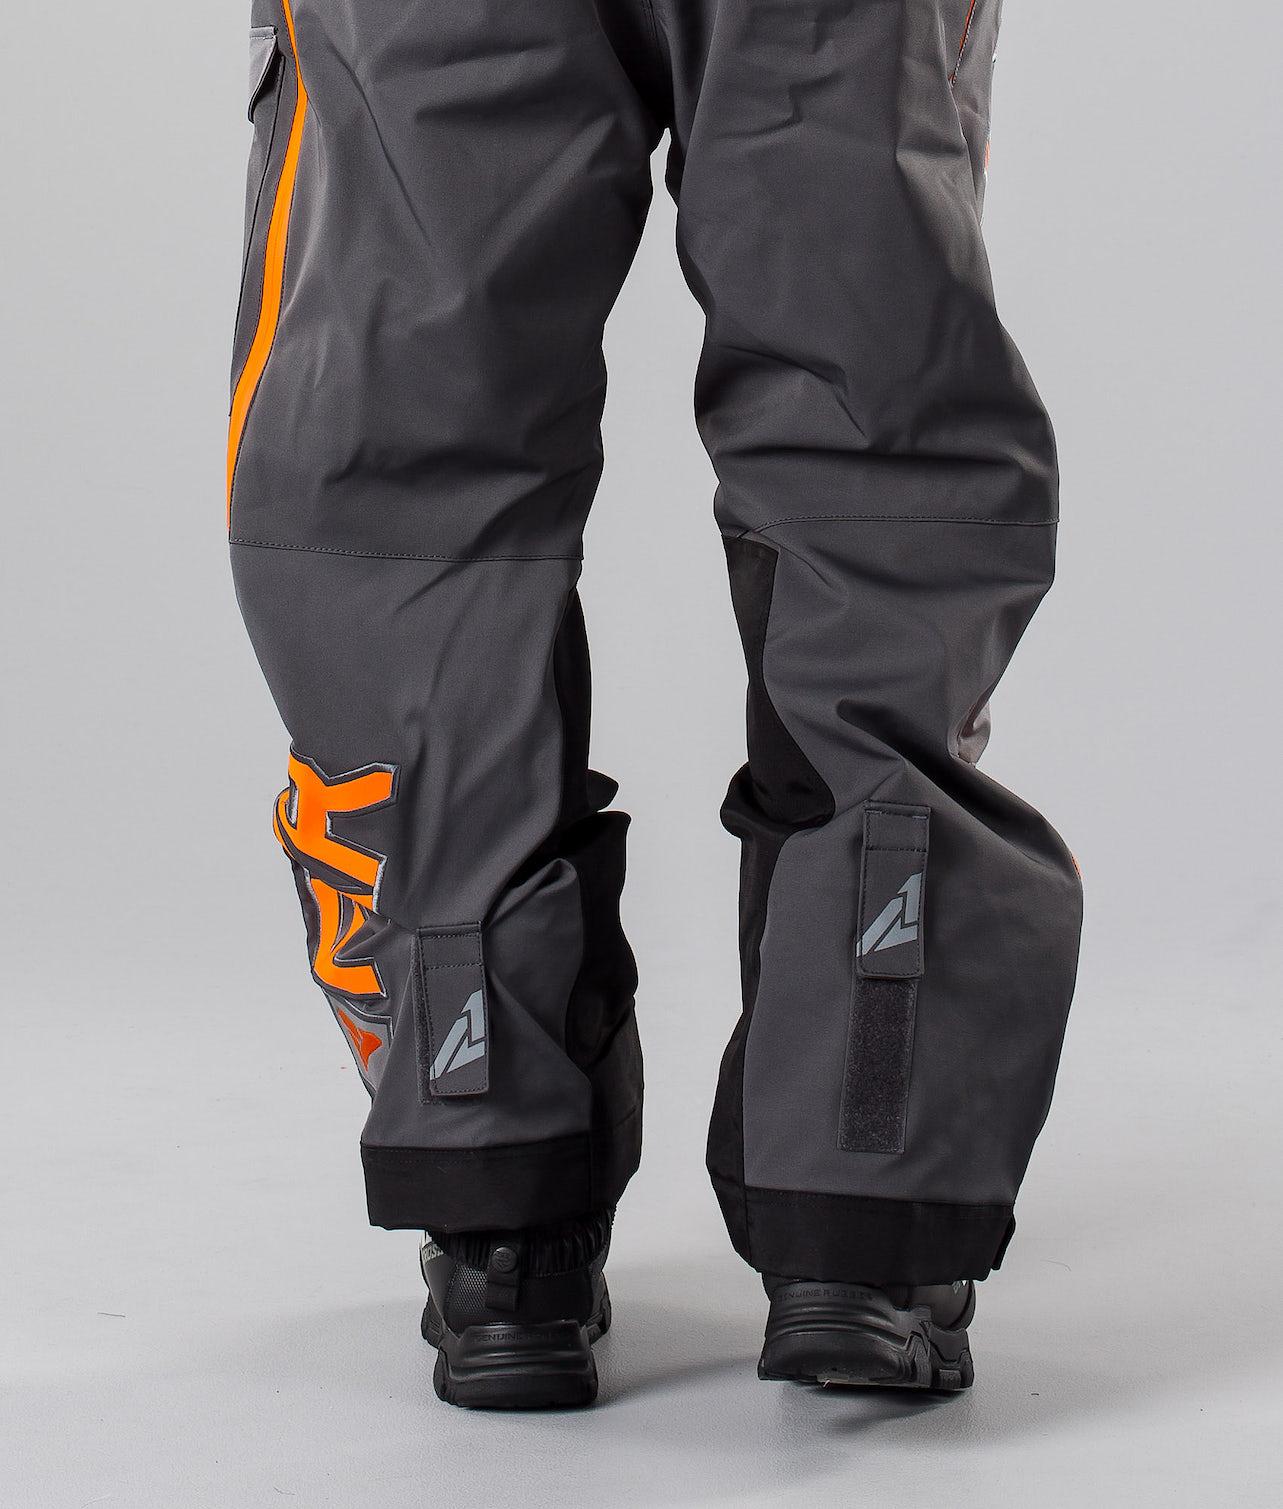 Kjøp Ranger Instinct Lite Overall fra FXR på Ridestore.no - Hos oss har du alltid fri frakt, fri retur og 30 dagers åpent kjøp!